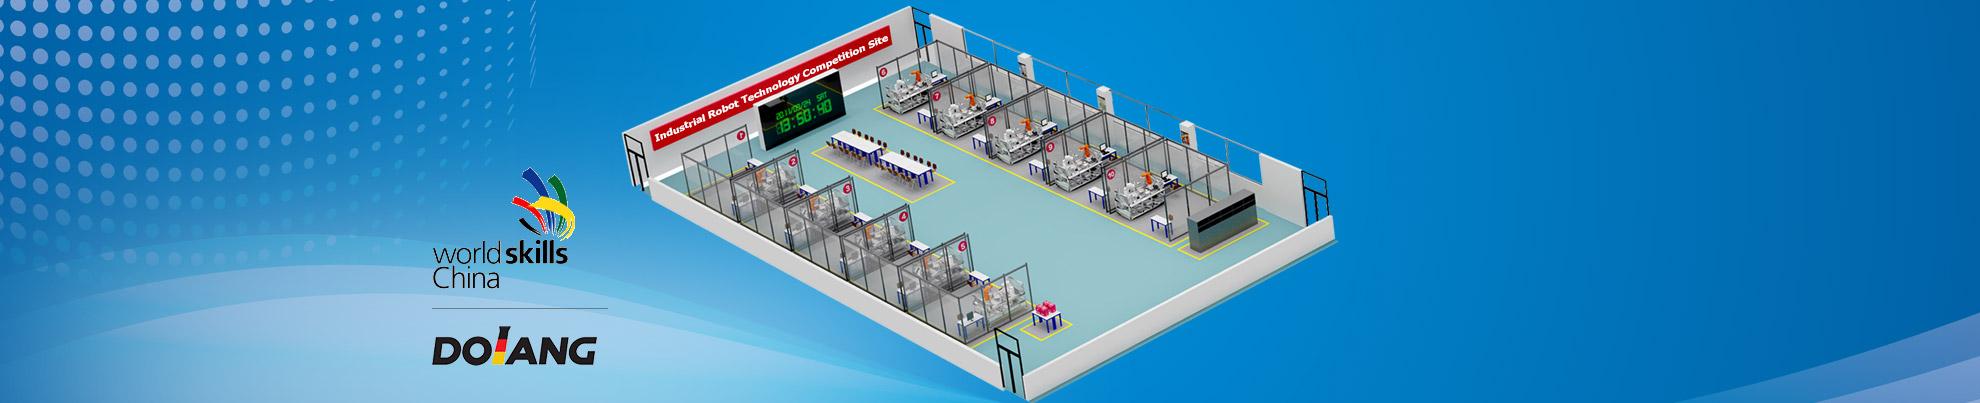 الموقع المنافسة تكنولوجيا الروبوت الصناعية